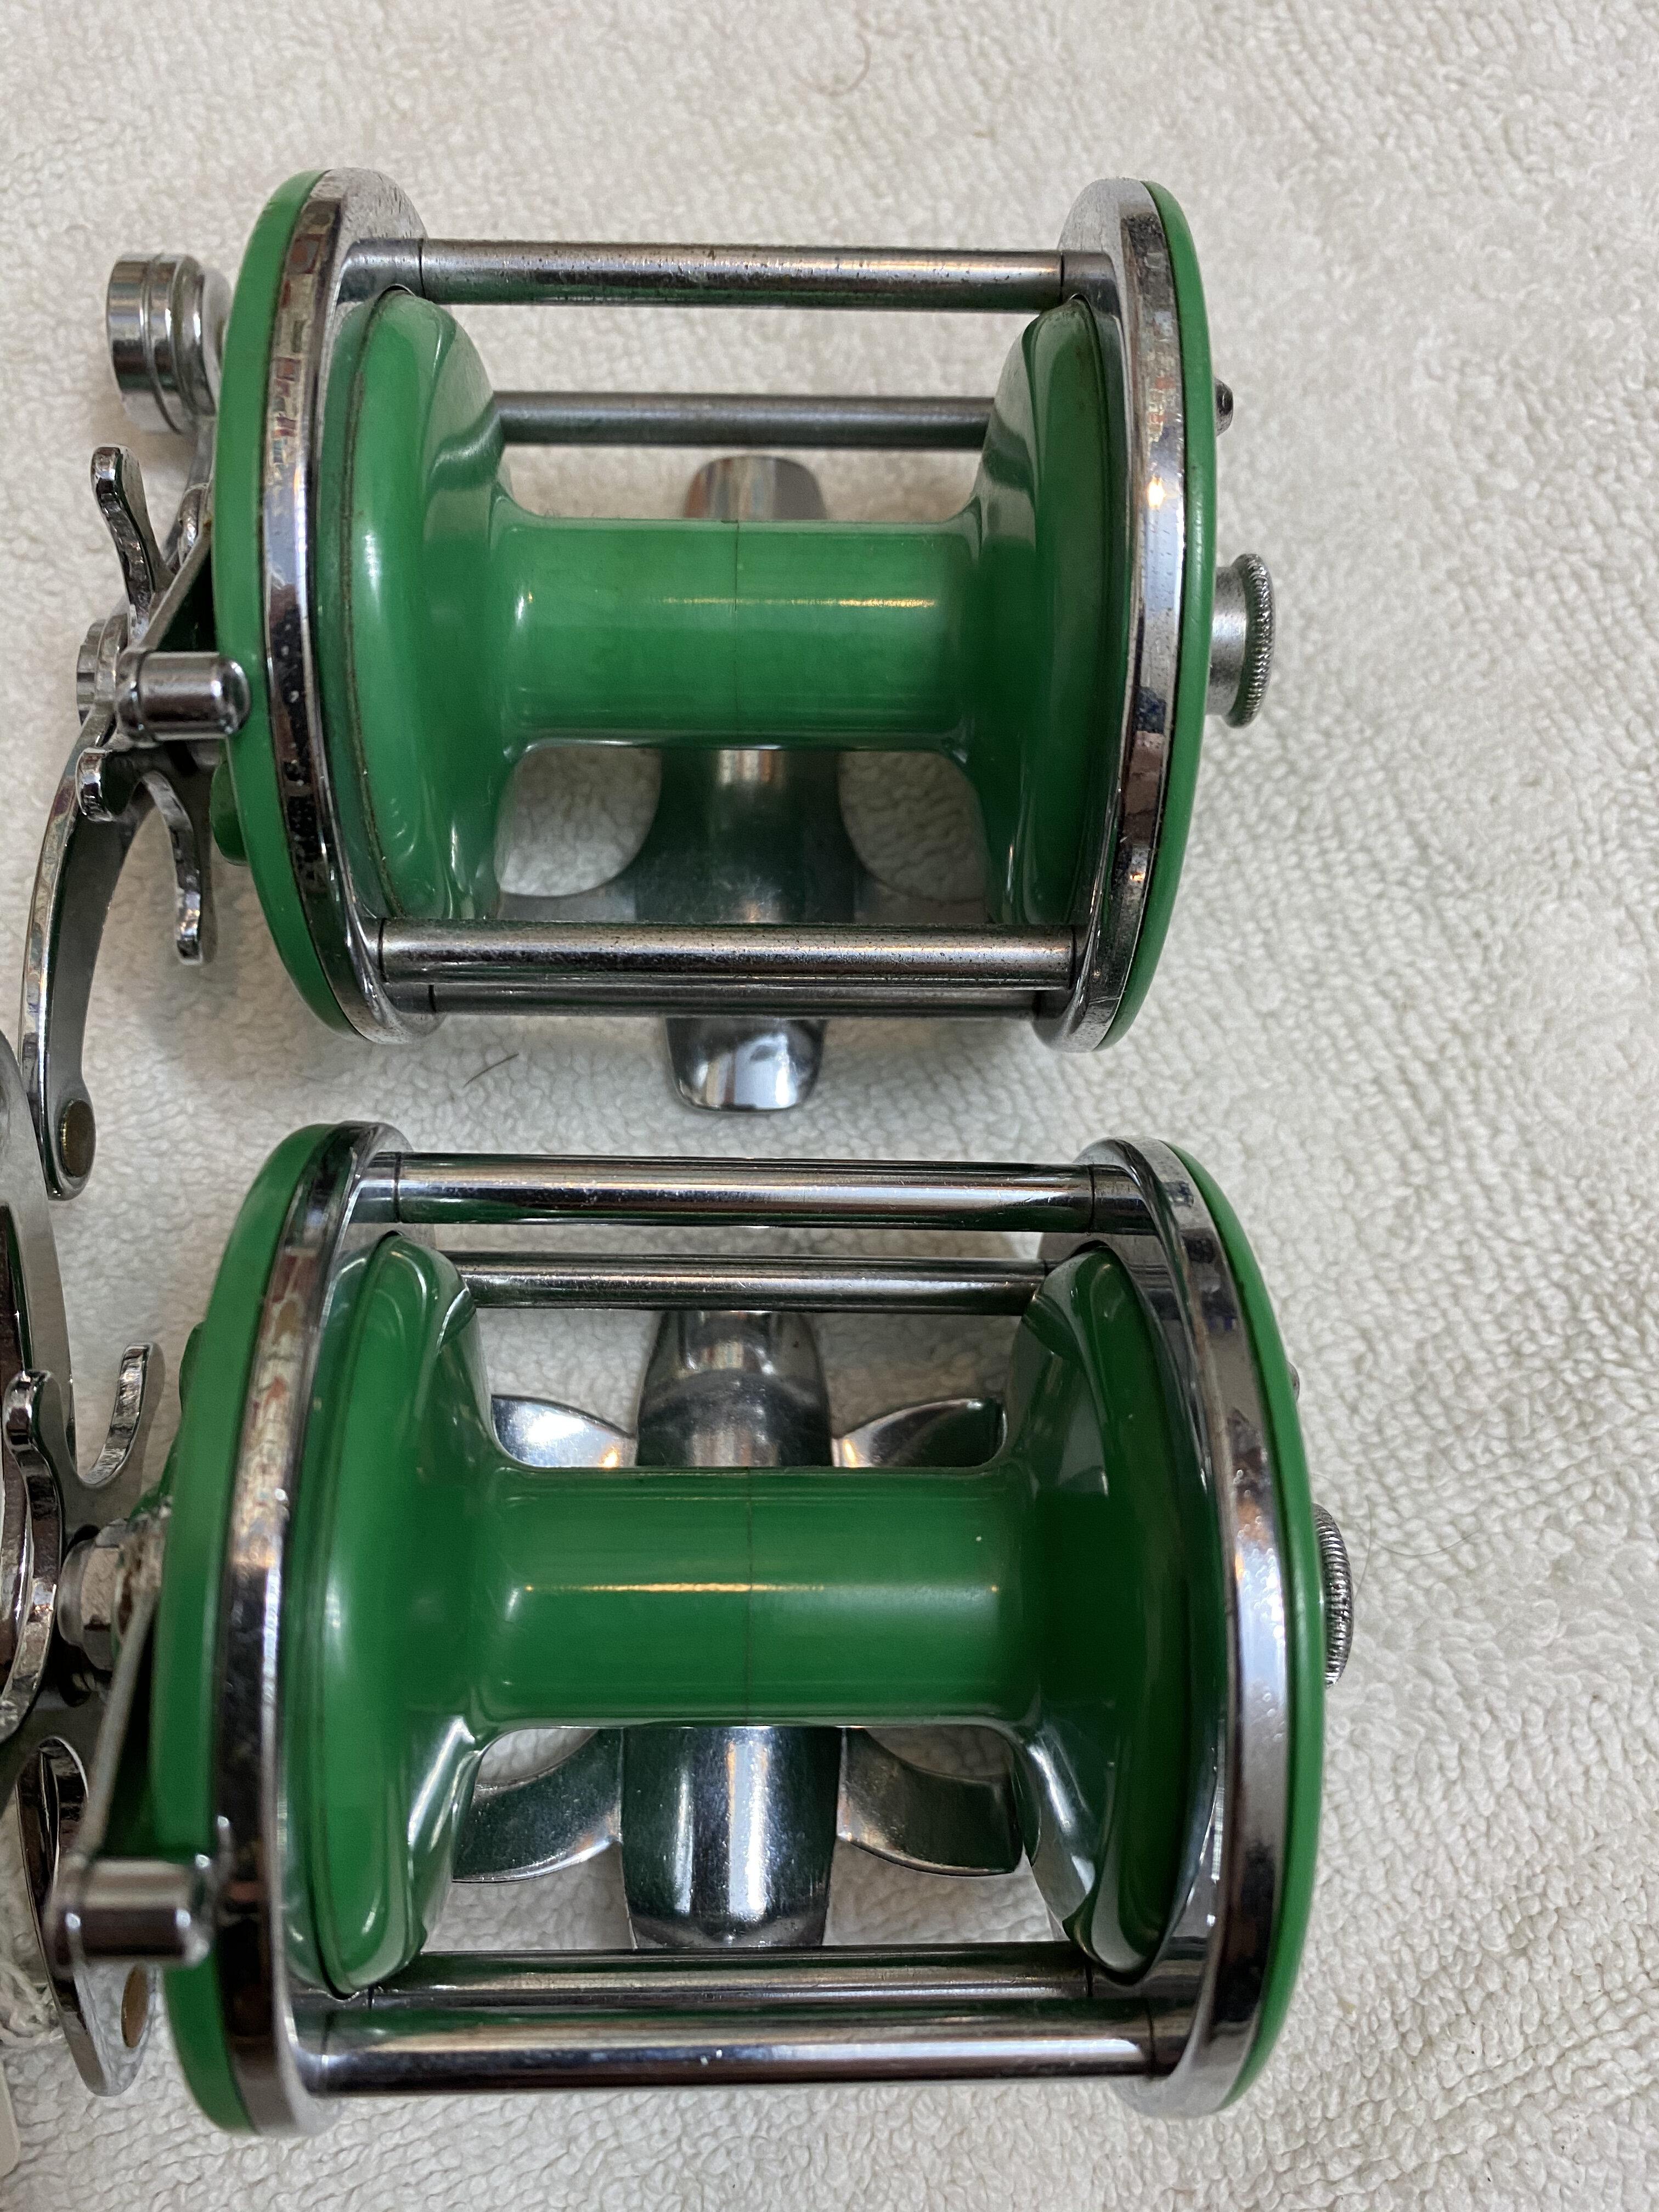 7303EFFE-7115-4637-9F7A-0F496BF0FE07.jpeg